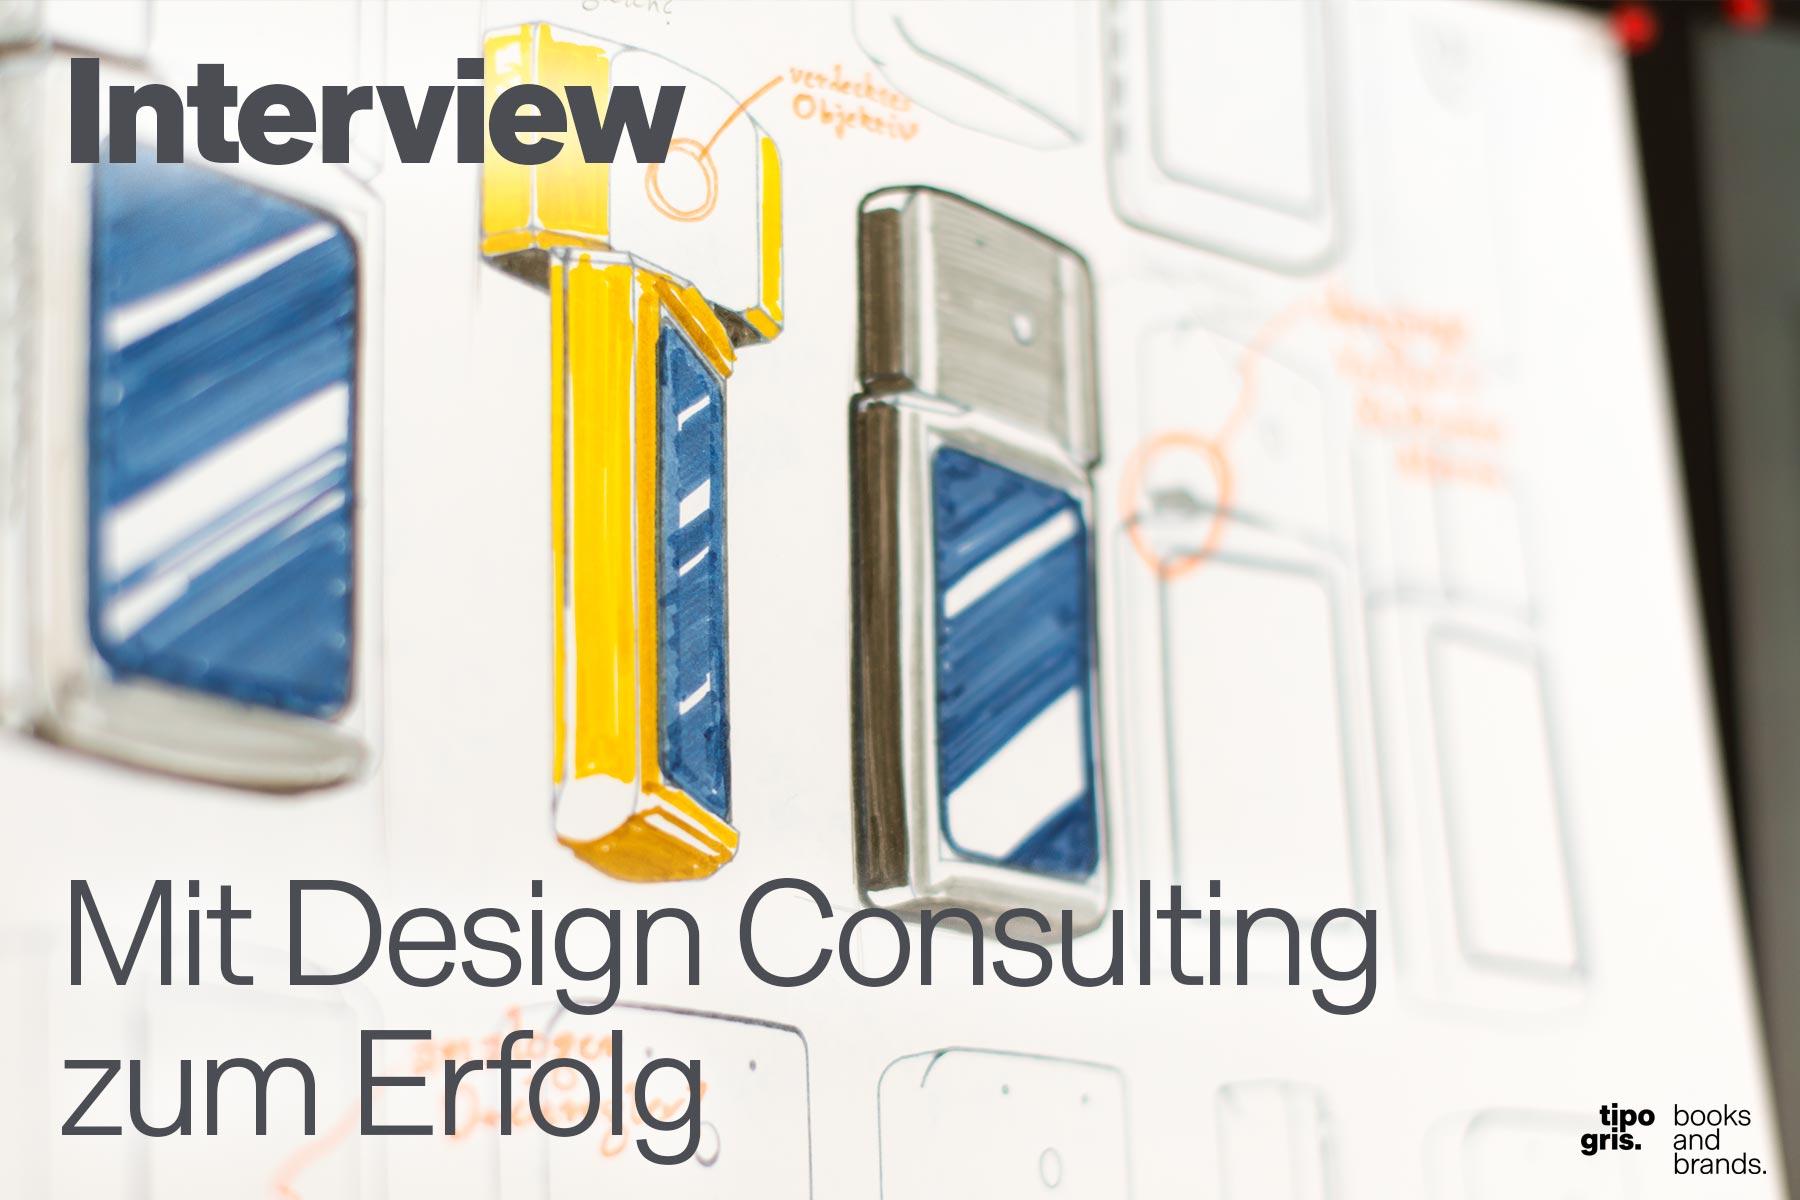 Tipogris: Mit Design Consulting zum Erfolg. Beratung zu Industrial Design, Corporate Design und Design Thinking für Unternehmen und Institutionen. Alle Infos im Interview.